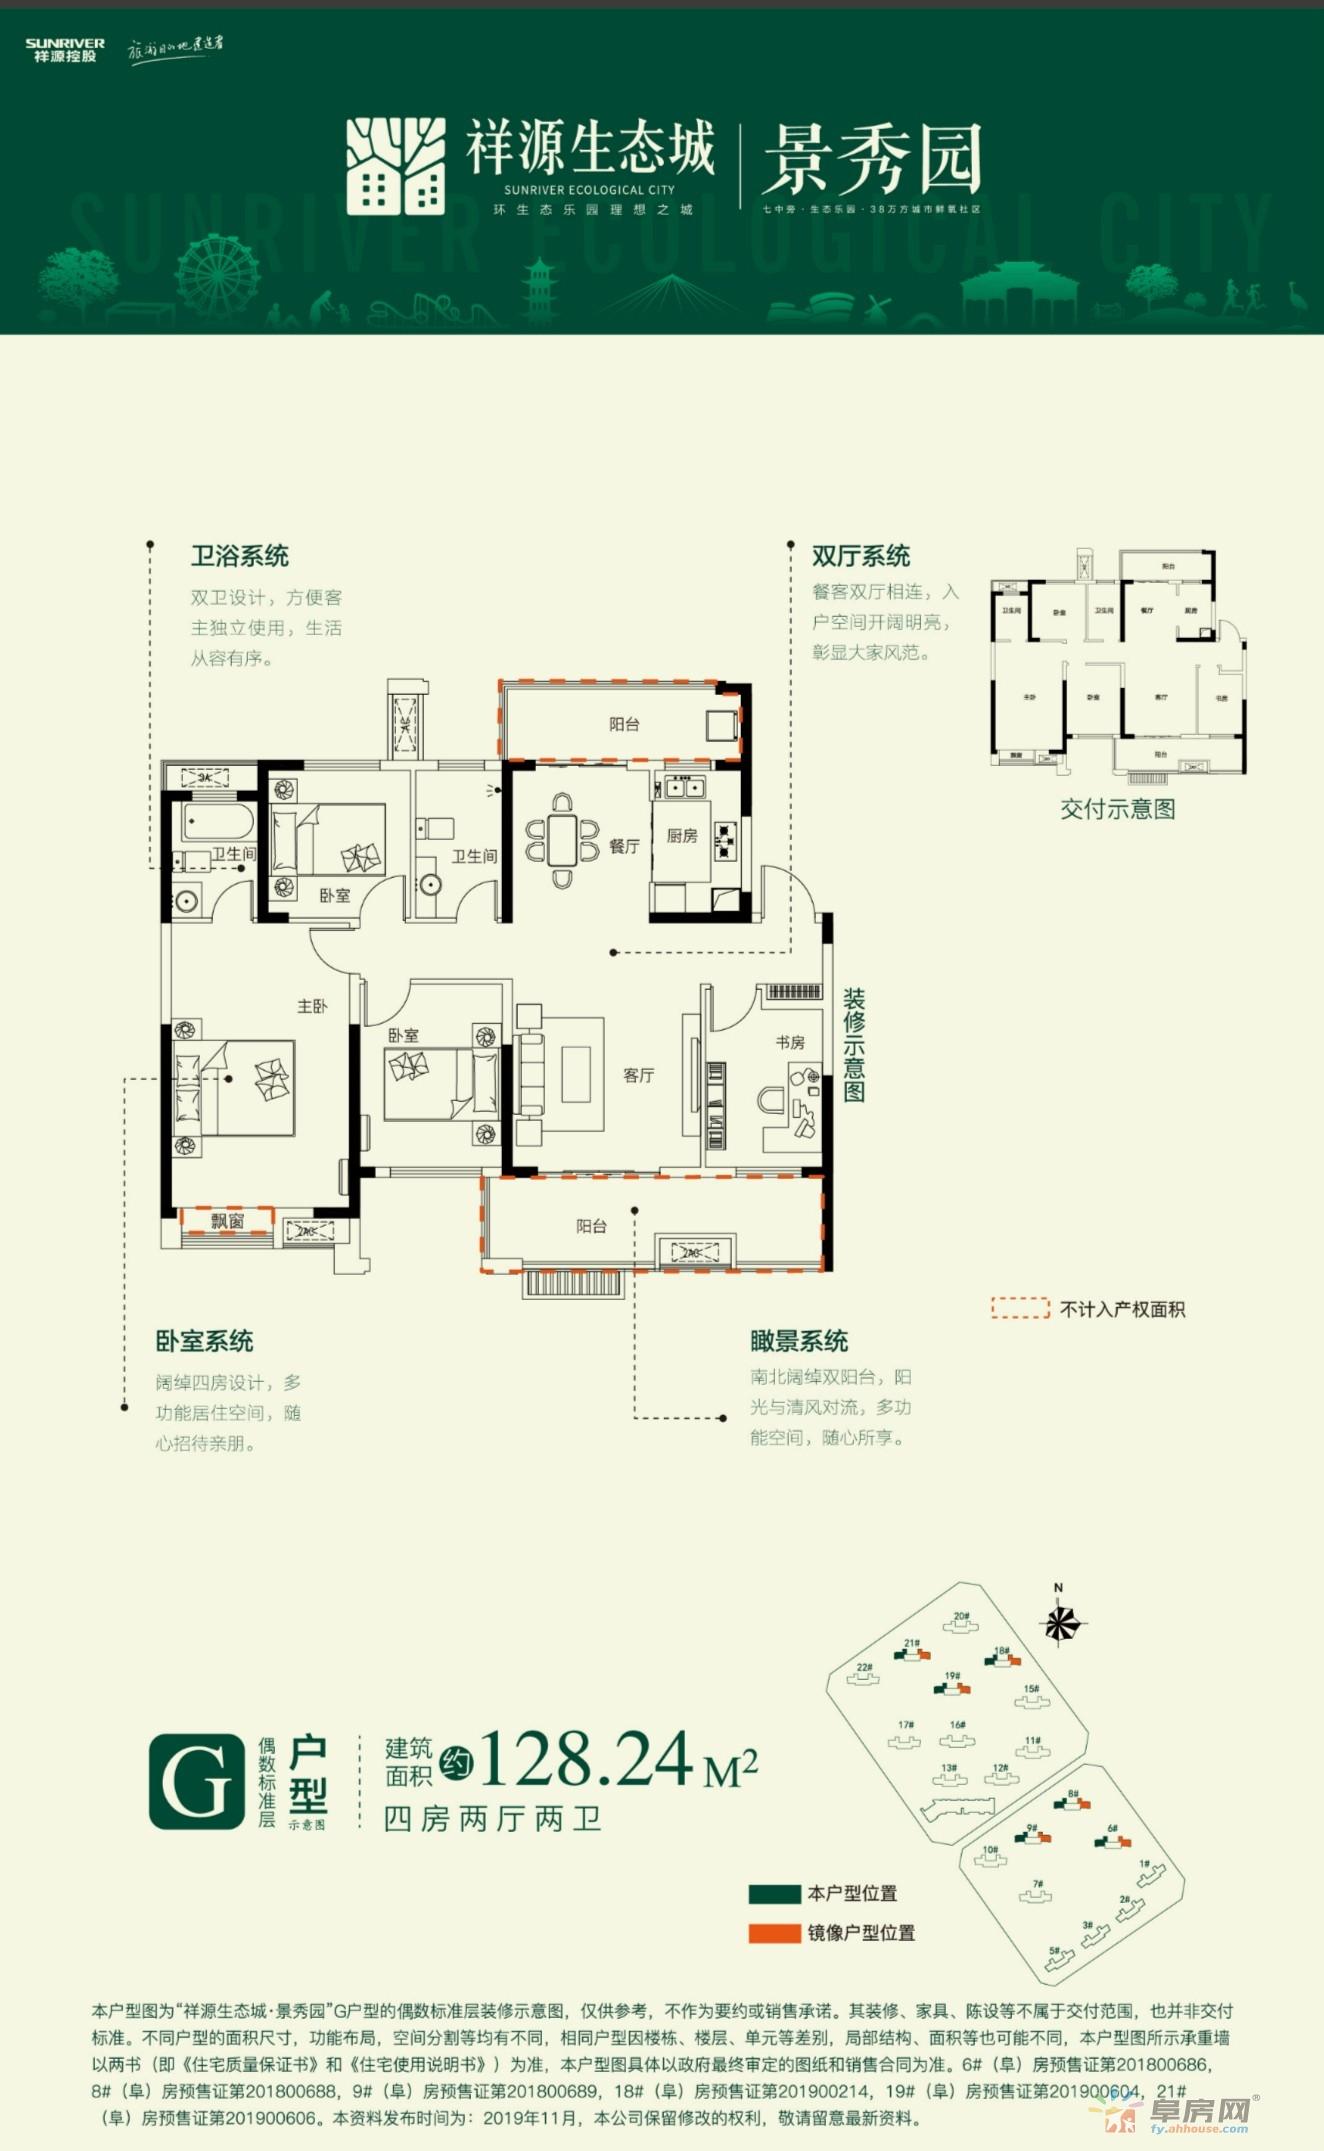 祥源生态城·景秀园_4室2厅2卫1厨